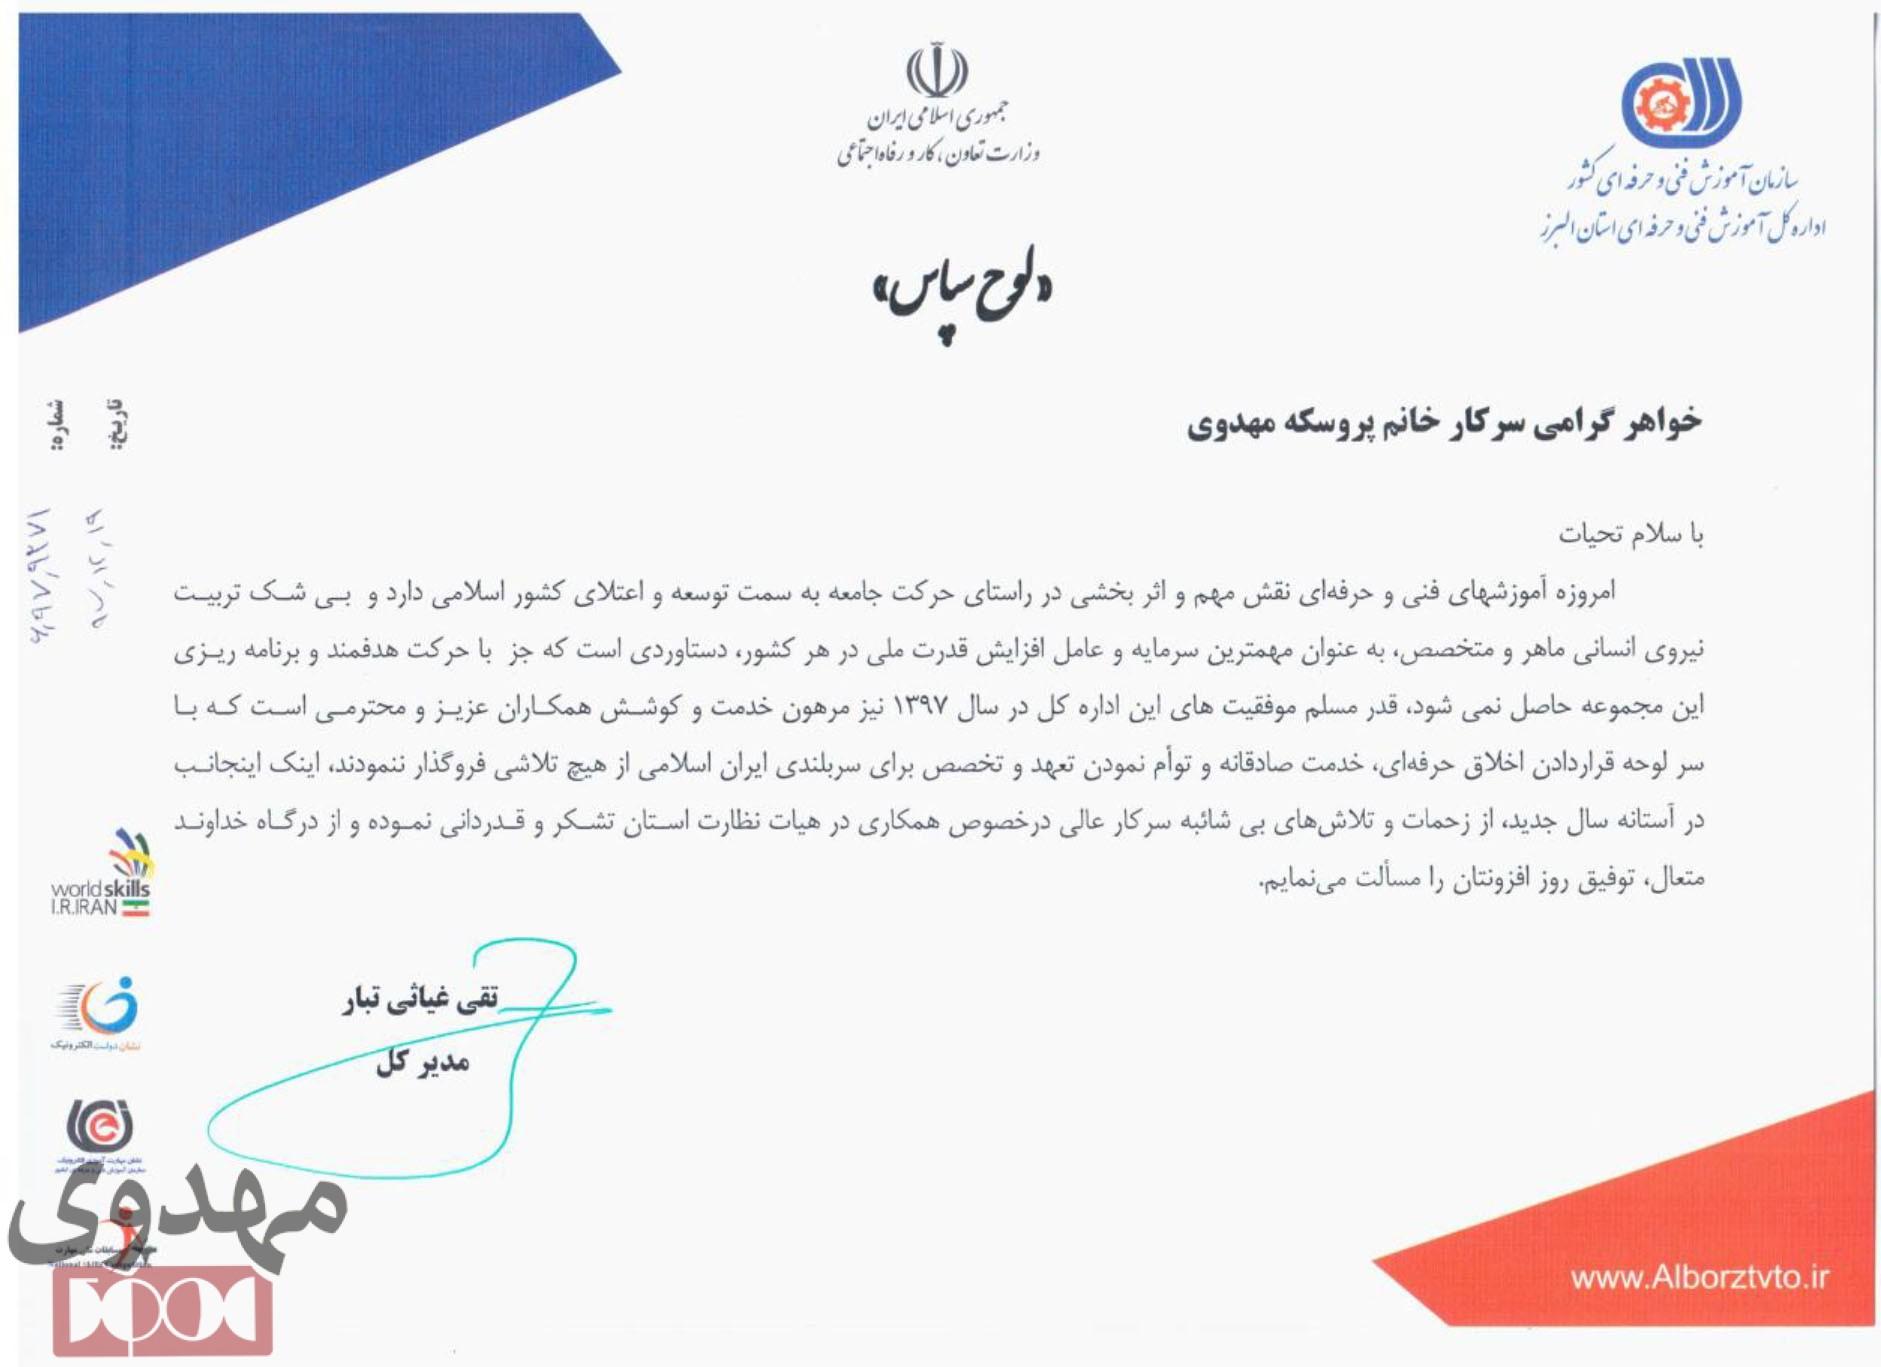 مدیرکل آموزش فنی و حرفه ای استان البرز